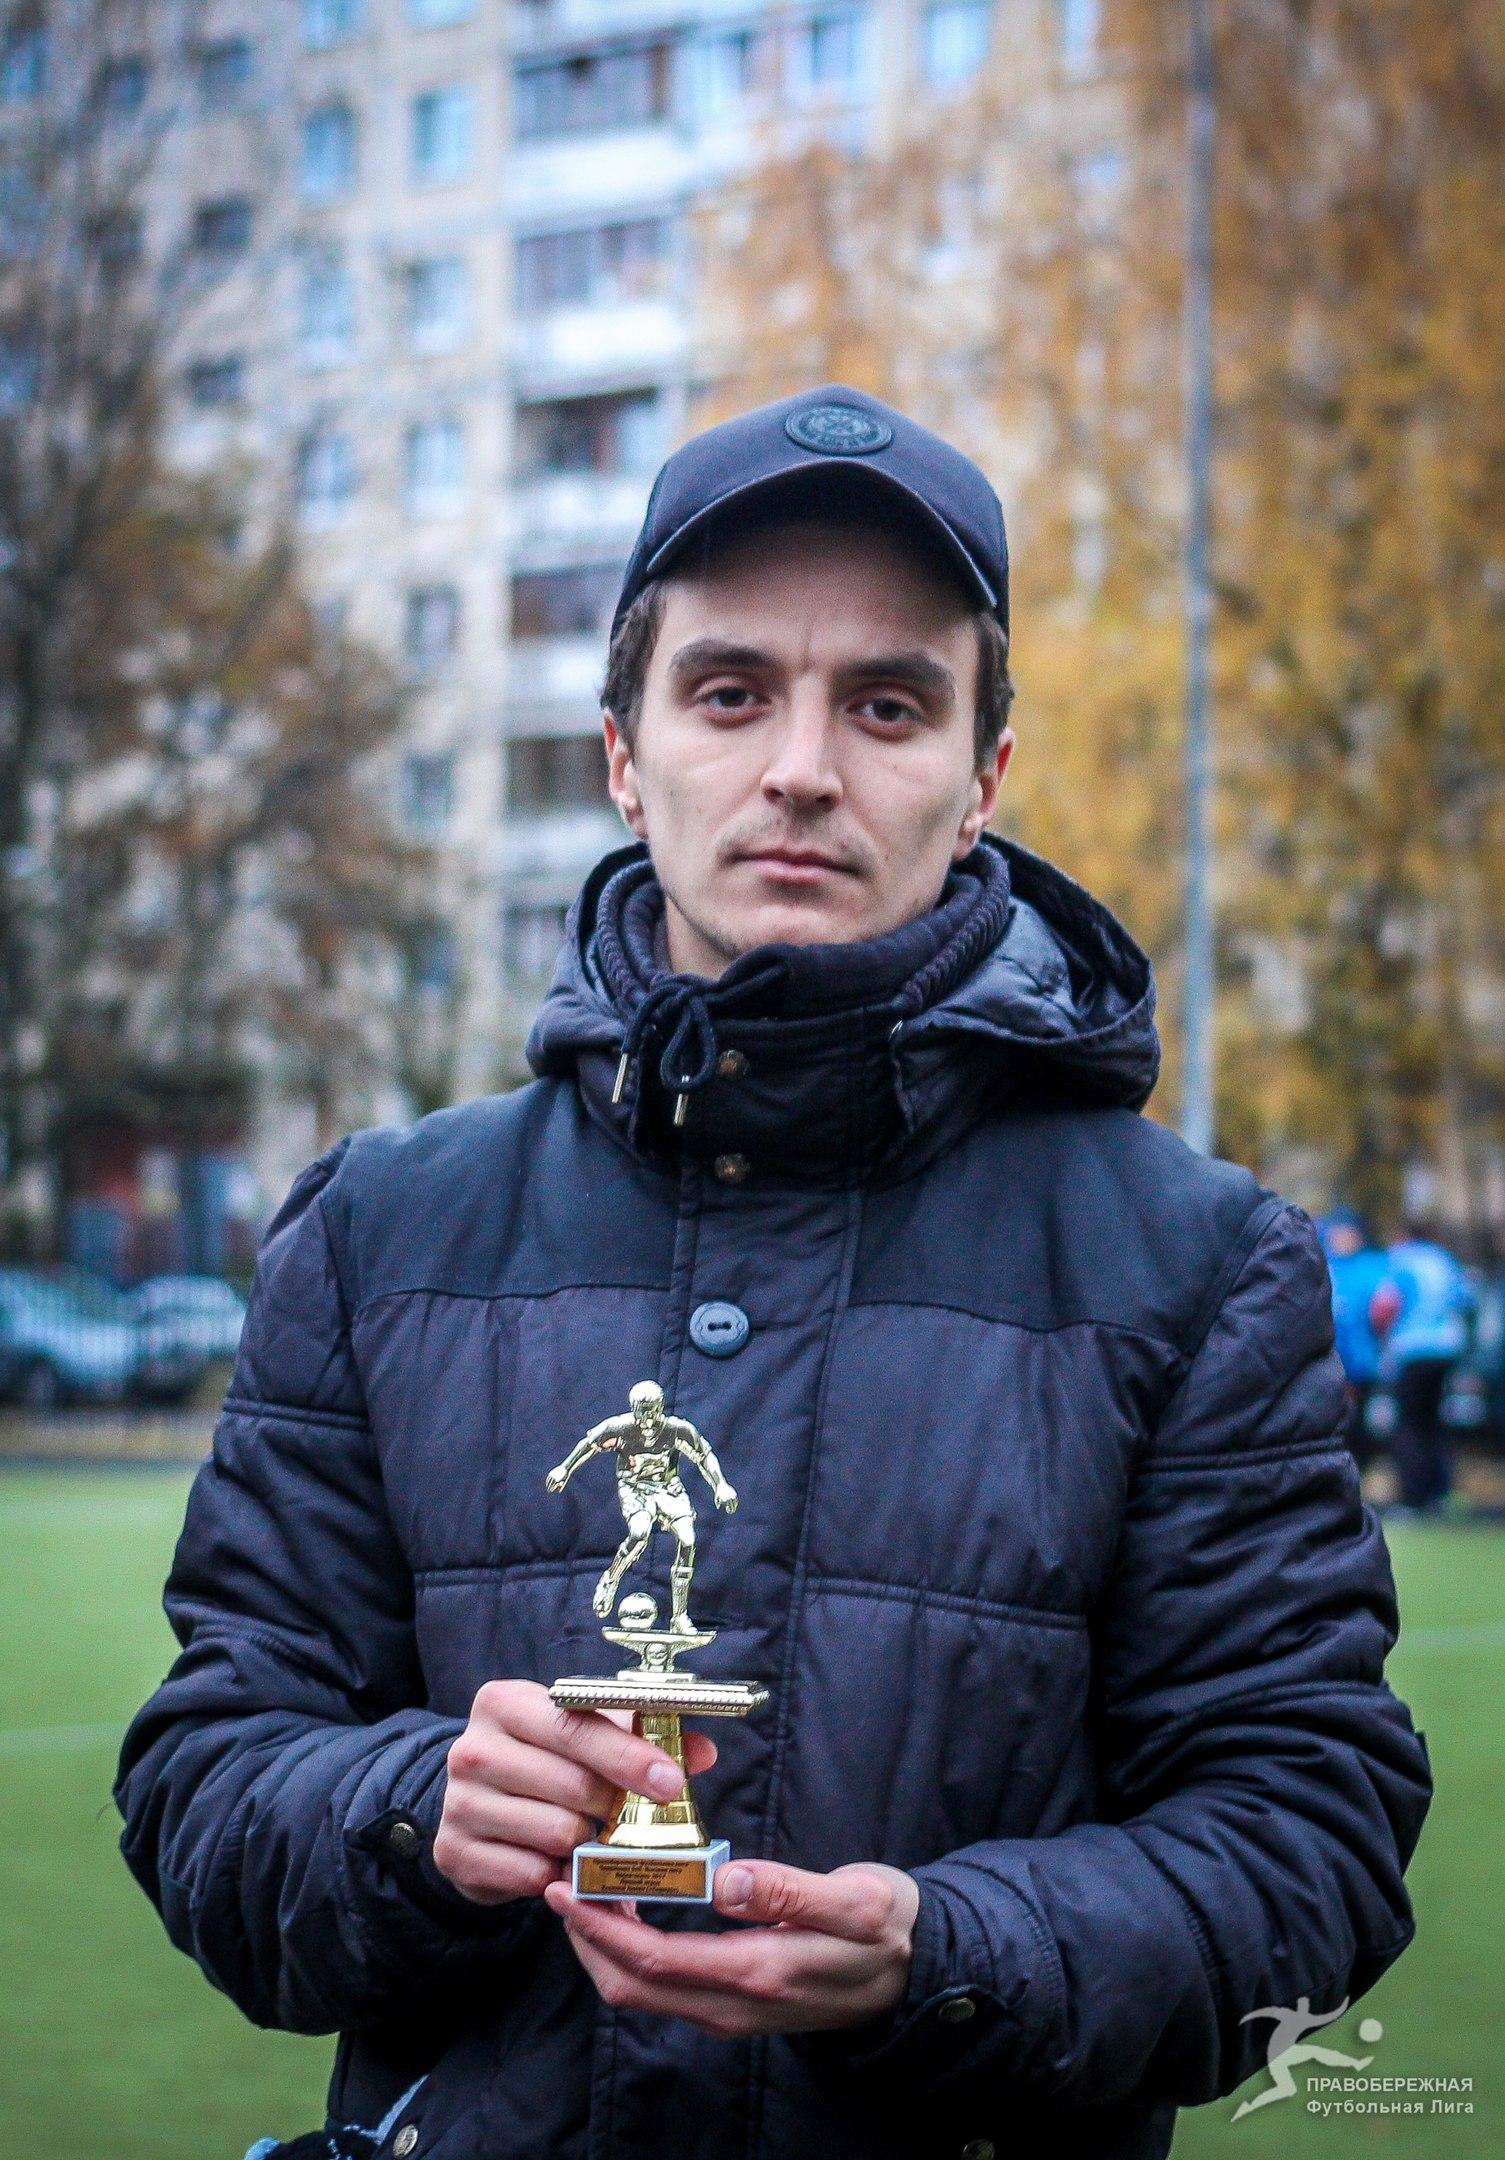 Акмал Халилов (